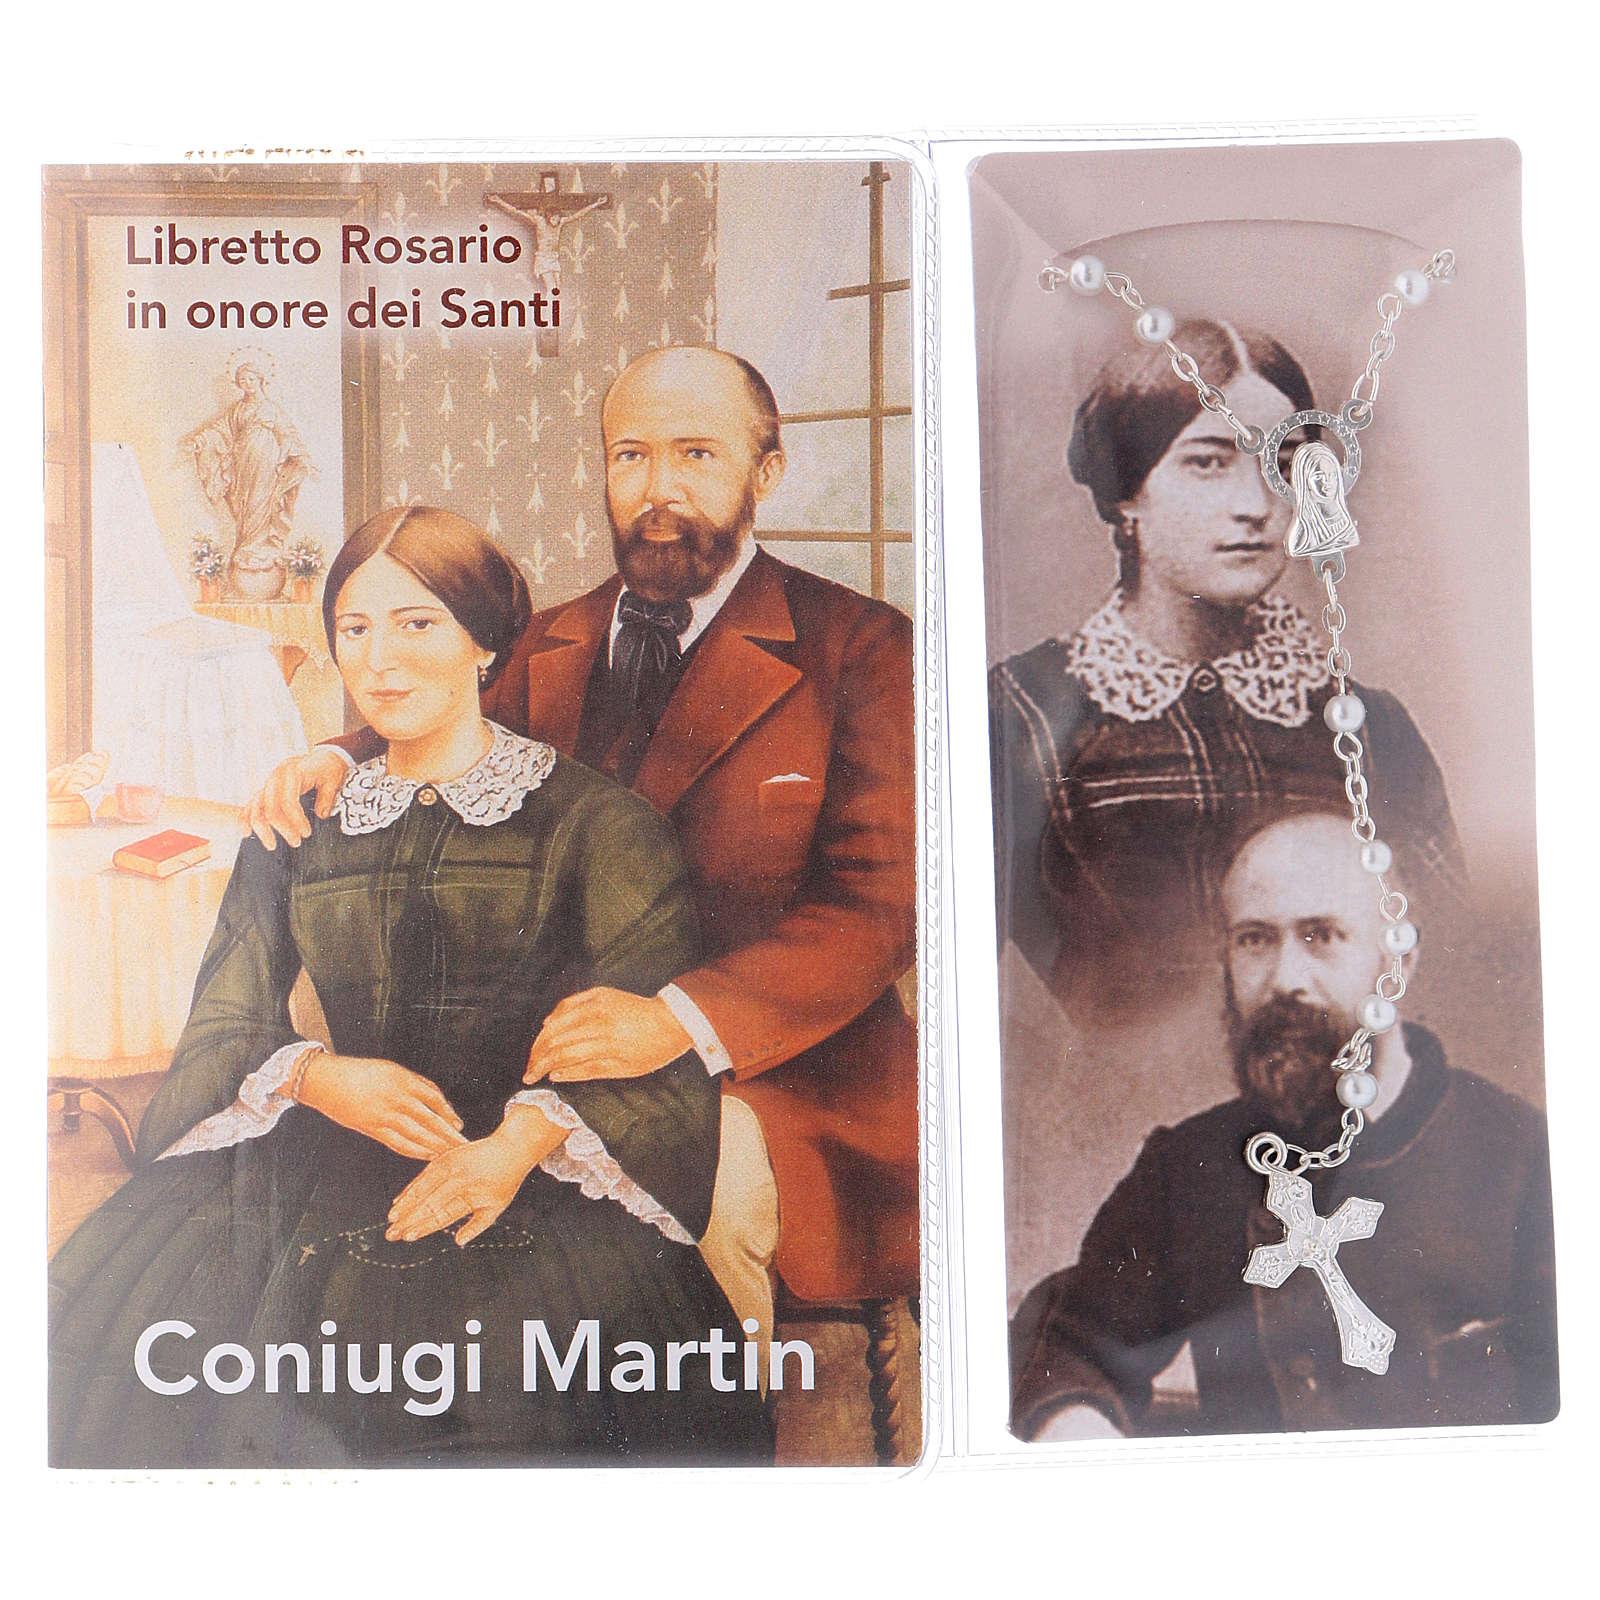 Libretto rosario coniugi Martin e rosario ITA 4